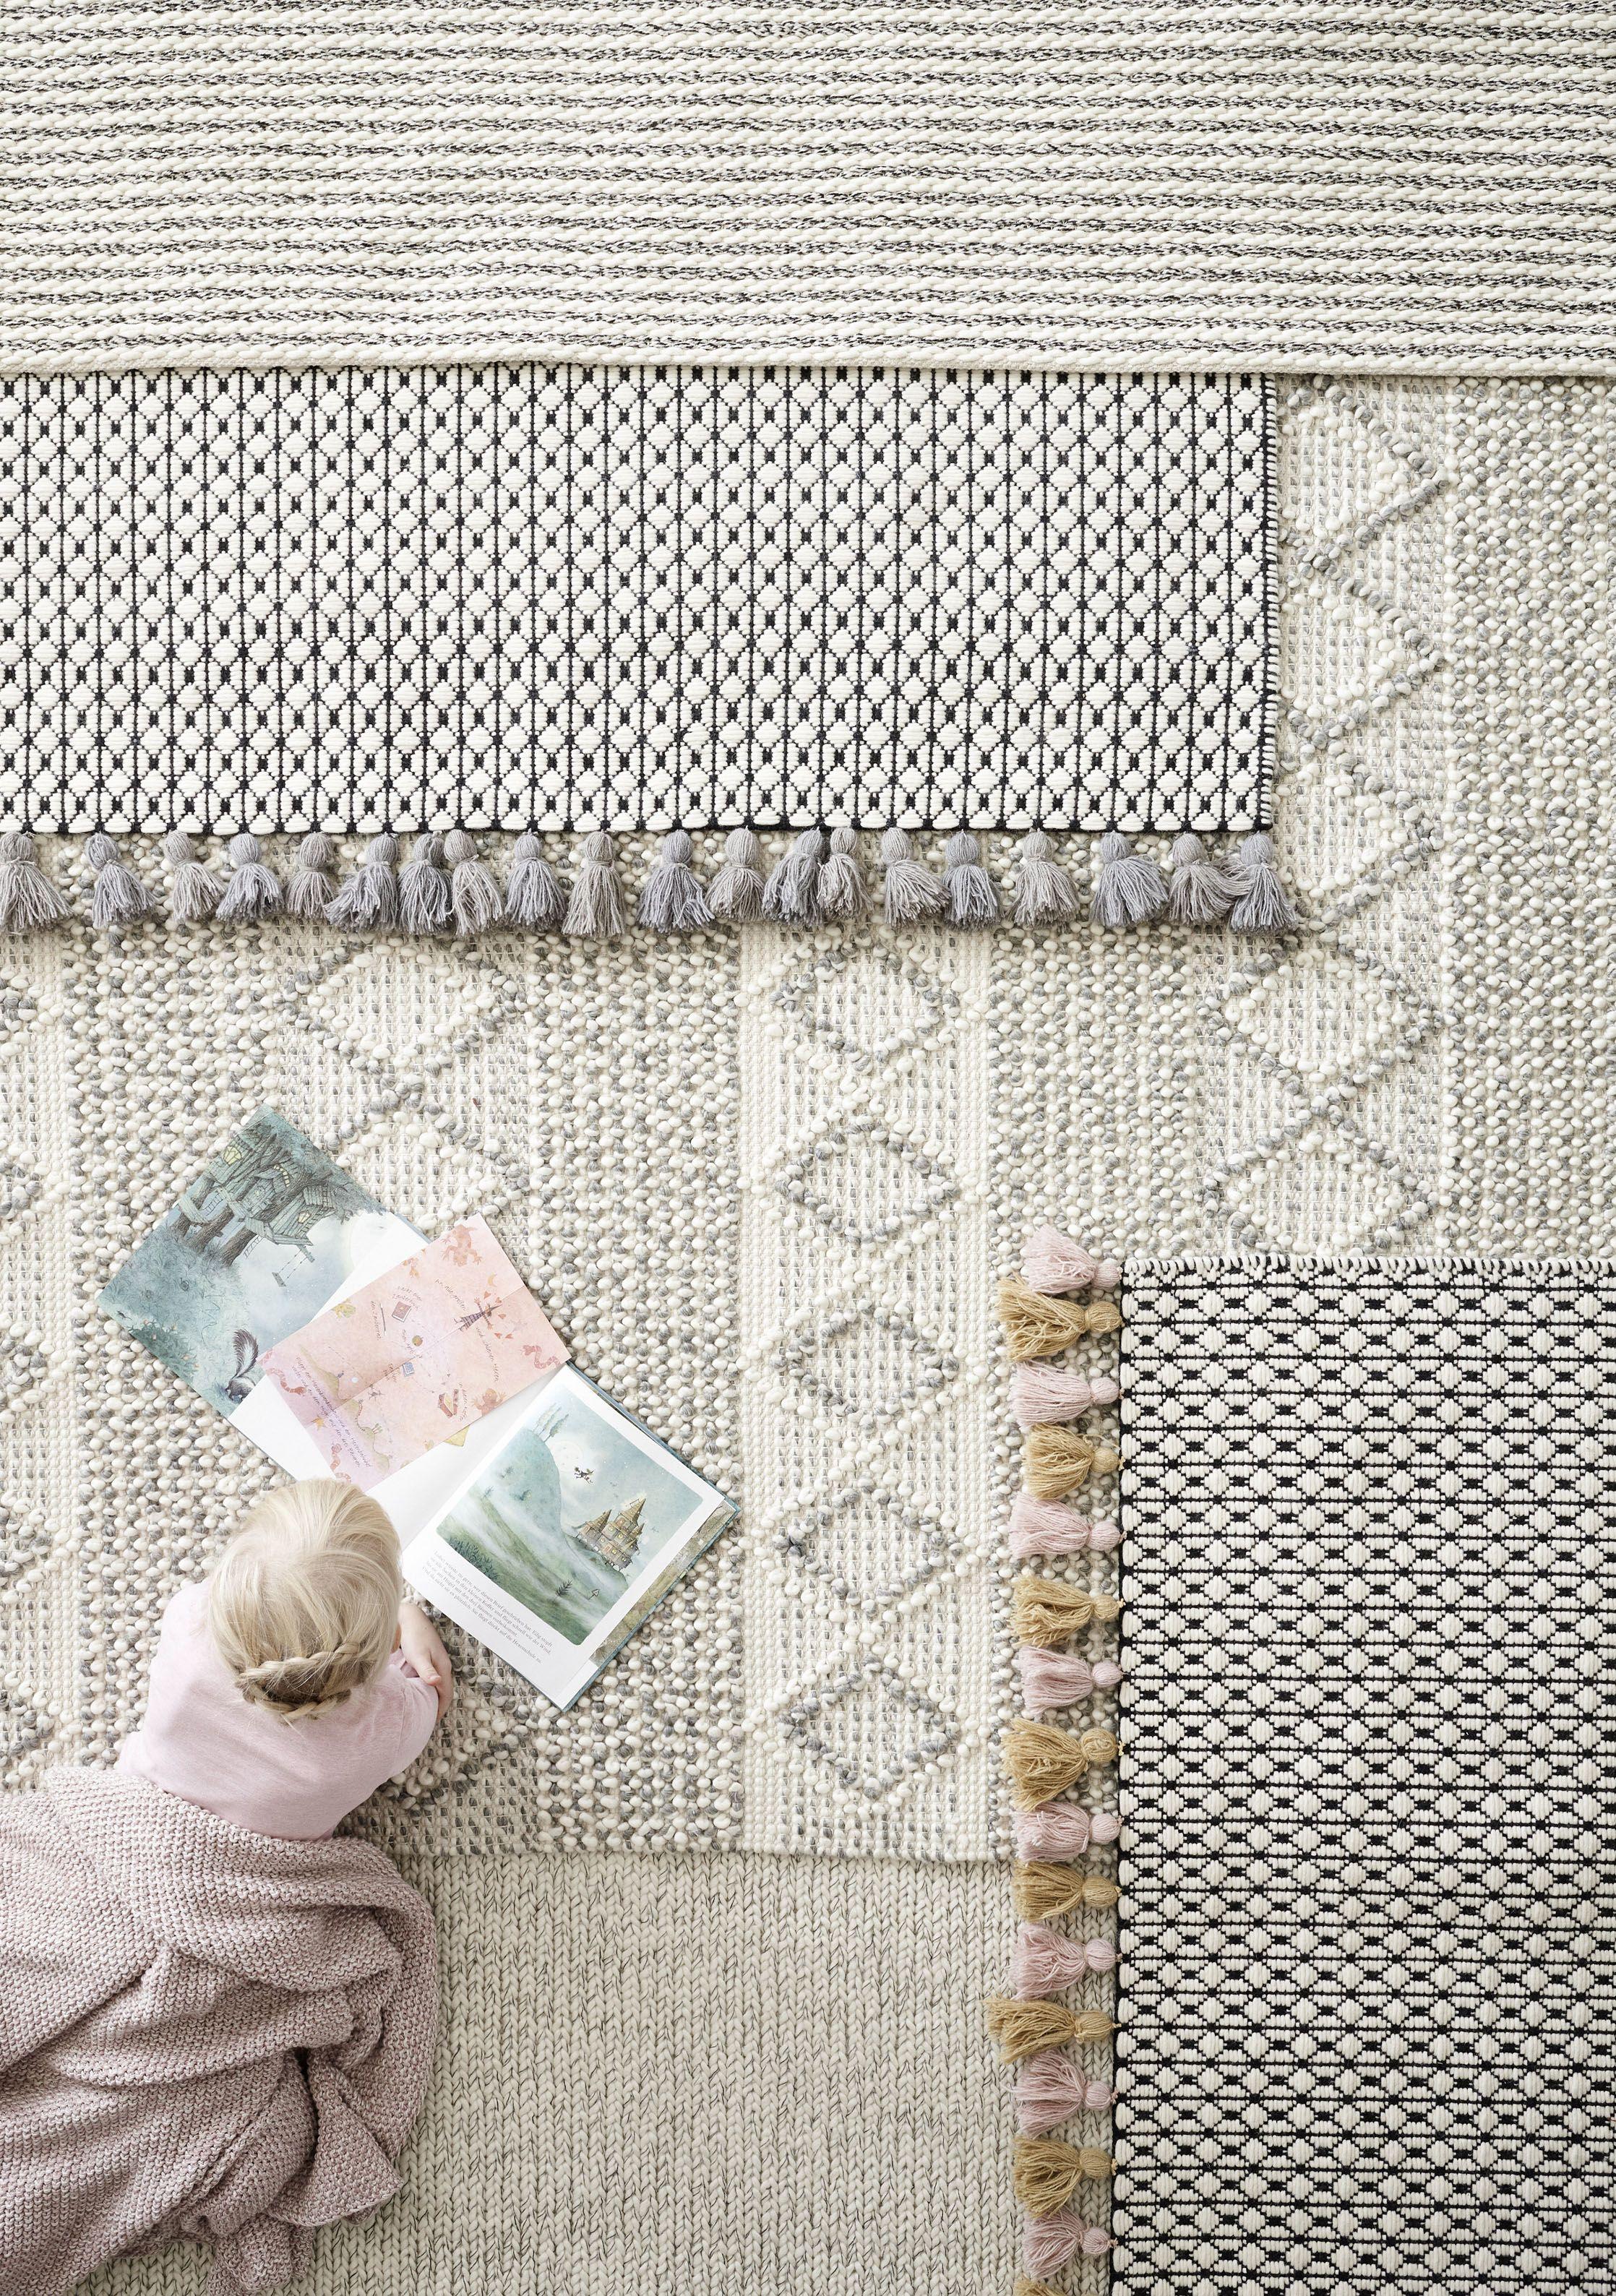 Eine Kleine Auswahl An Teppichen Der Schoner Wohnen Kollektion Teppich Alva Teppich Vienta Und Teppich Insula Mit Vers Teppich Schoner Wohnen Fruhlingsfarben